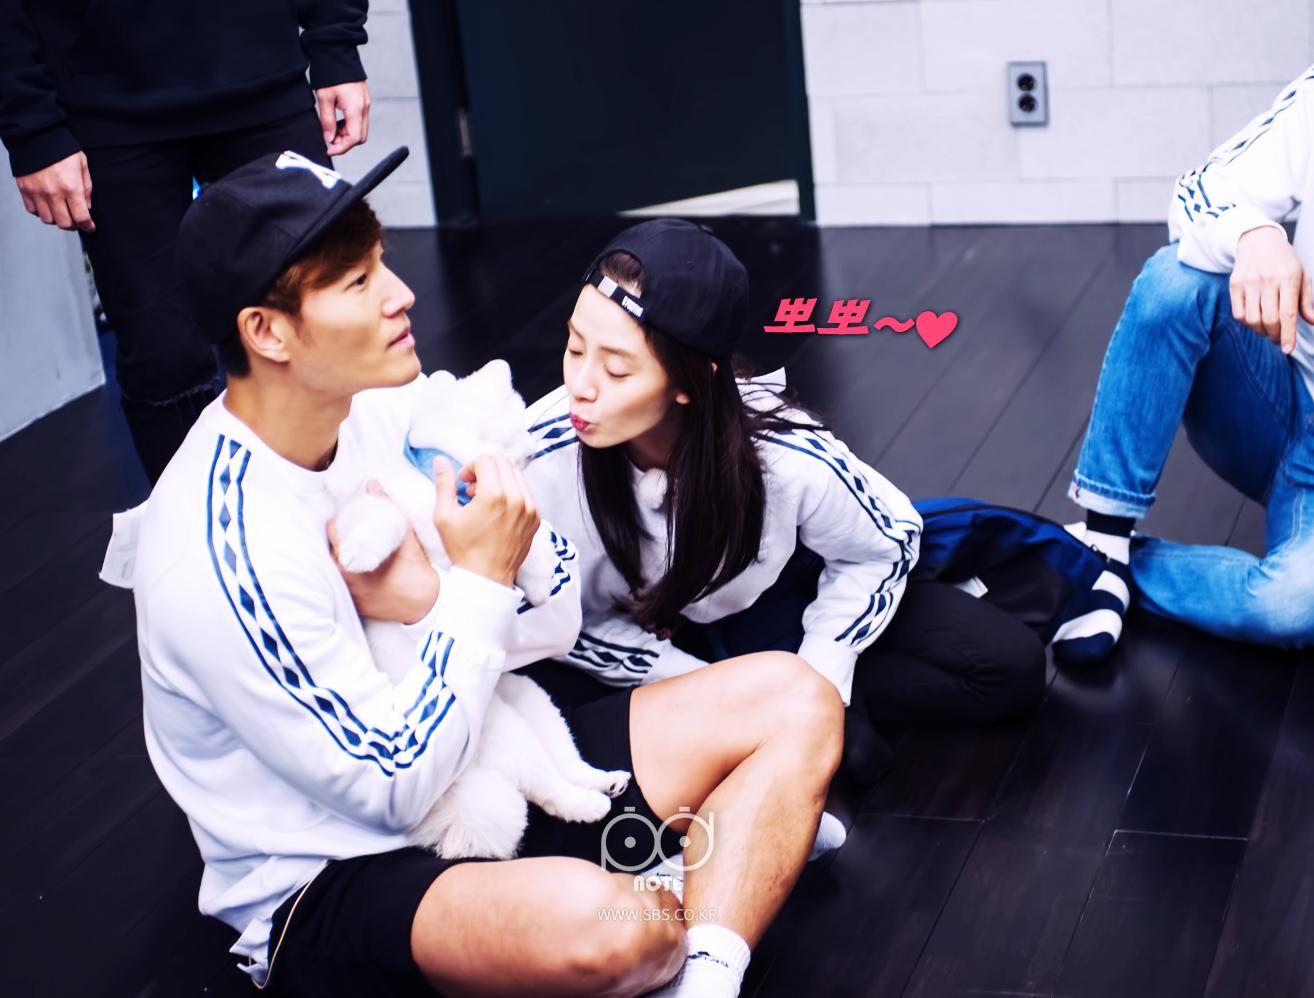 jong kook and ji hyo relationship goals